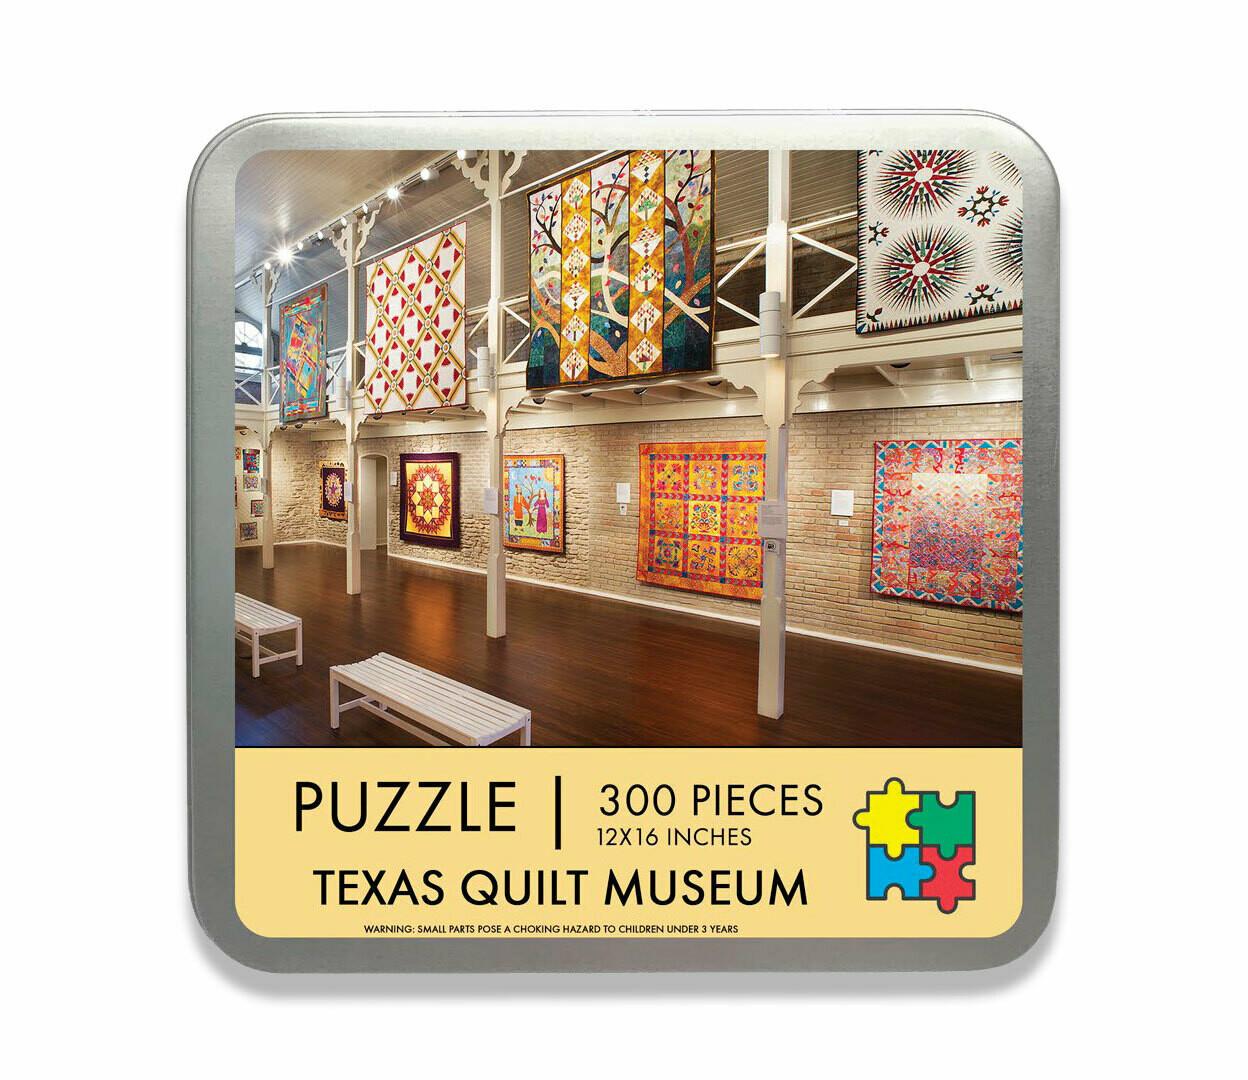 Texas Quilt Museum Travel Puzzle